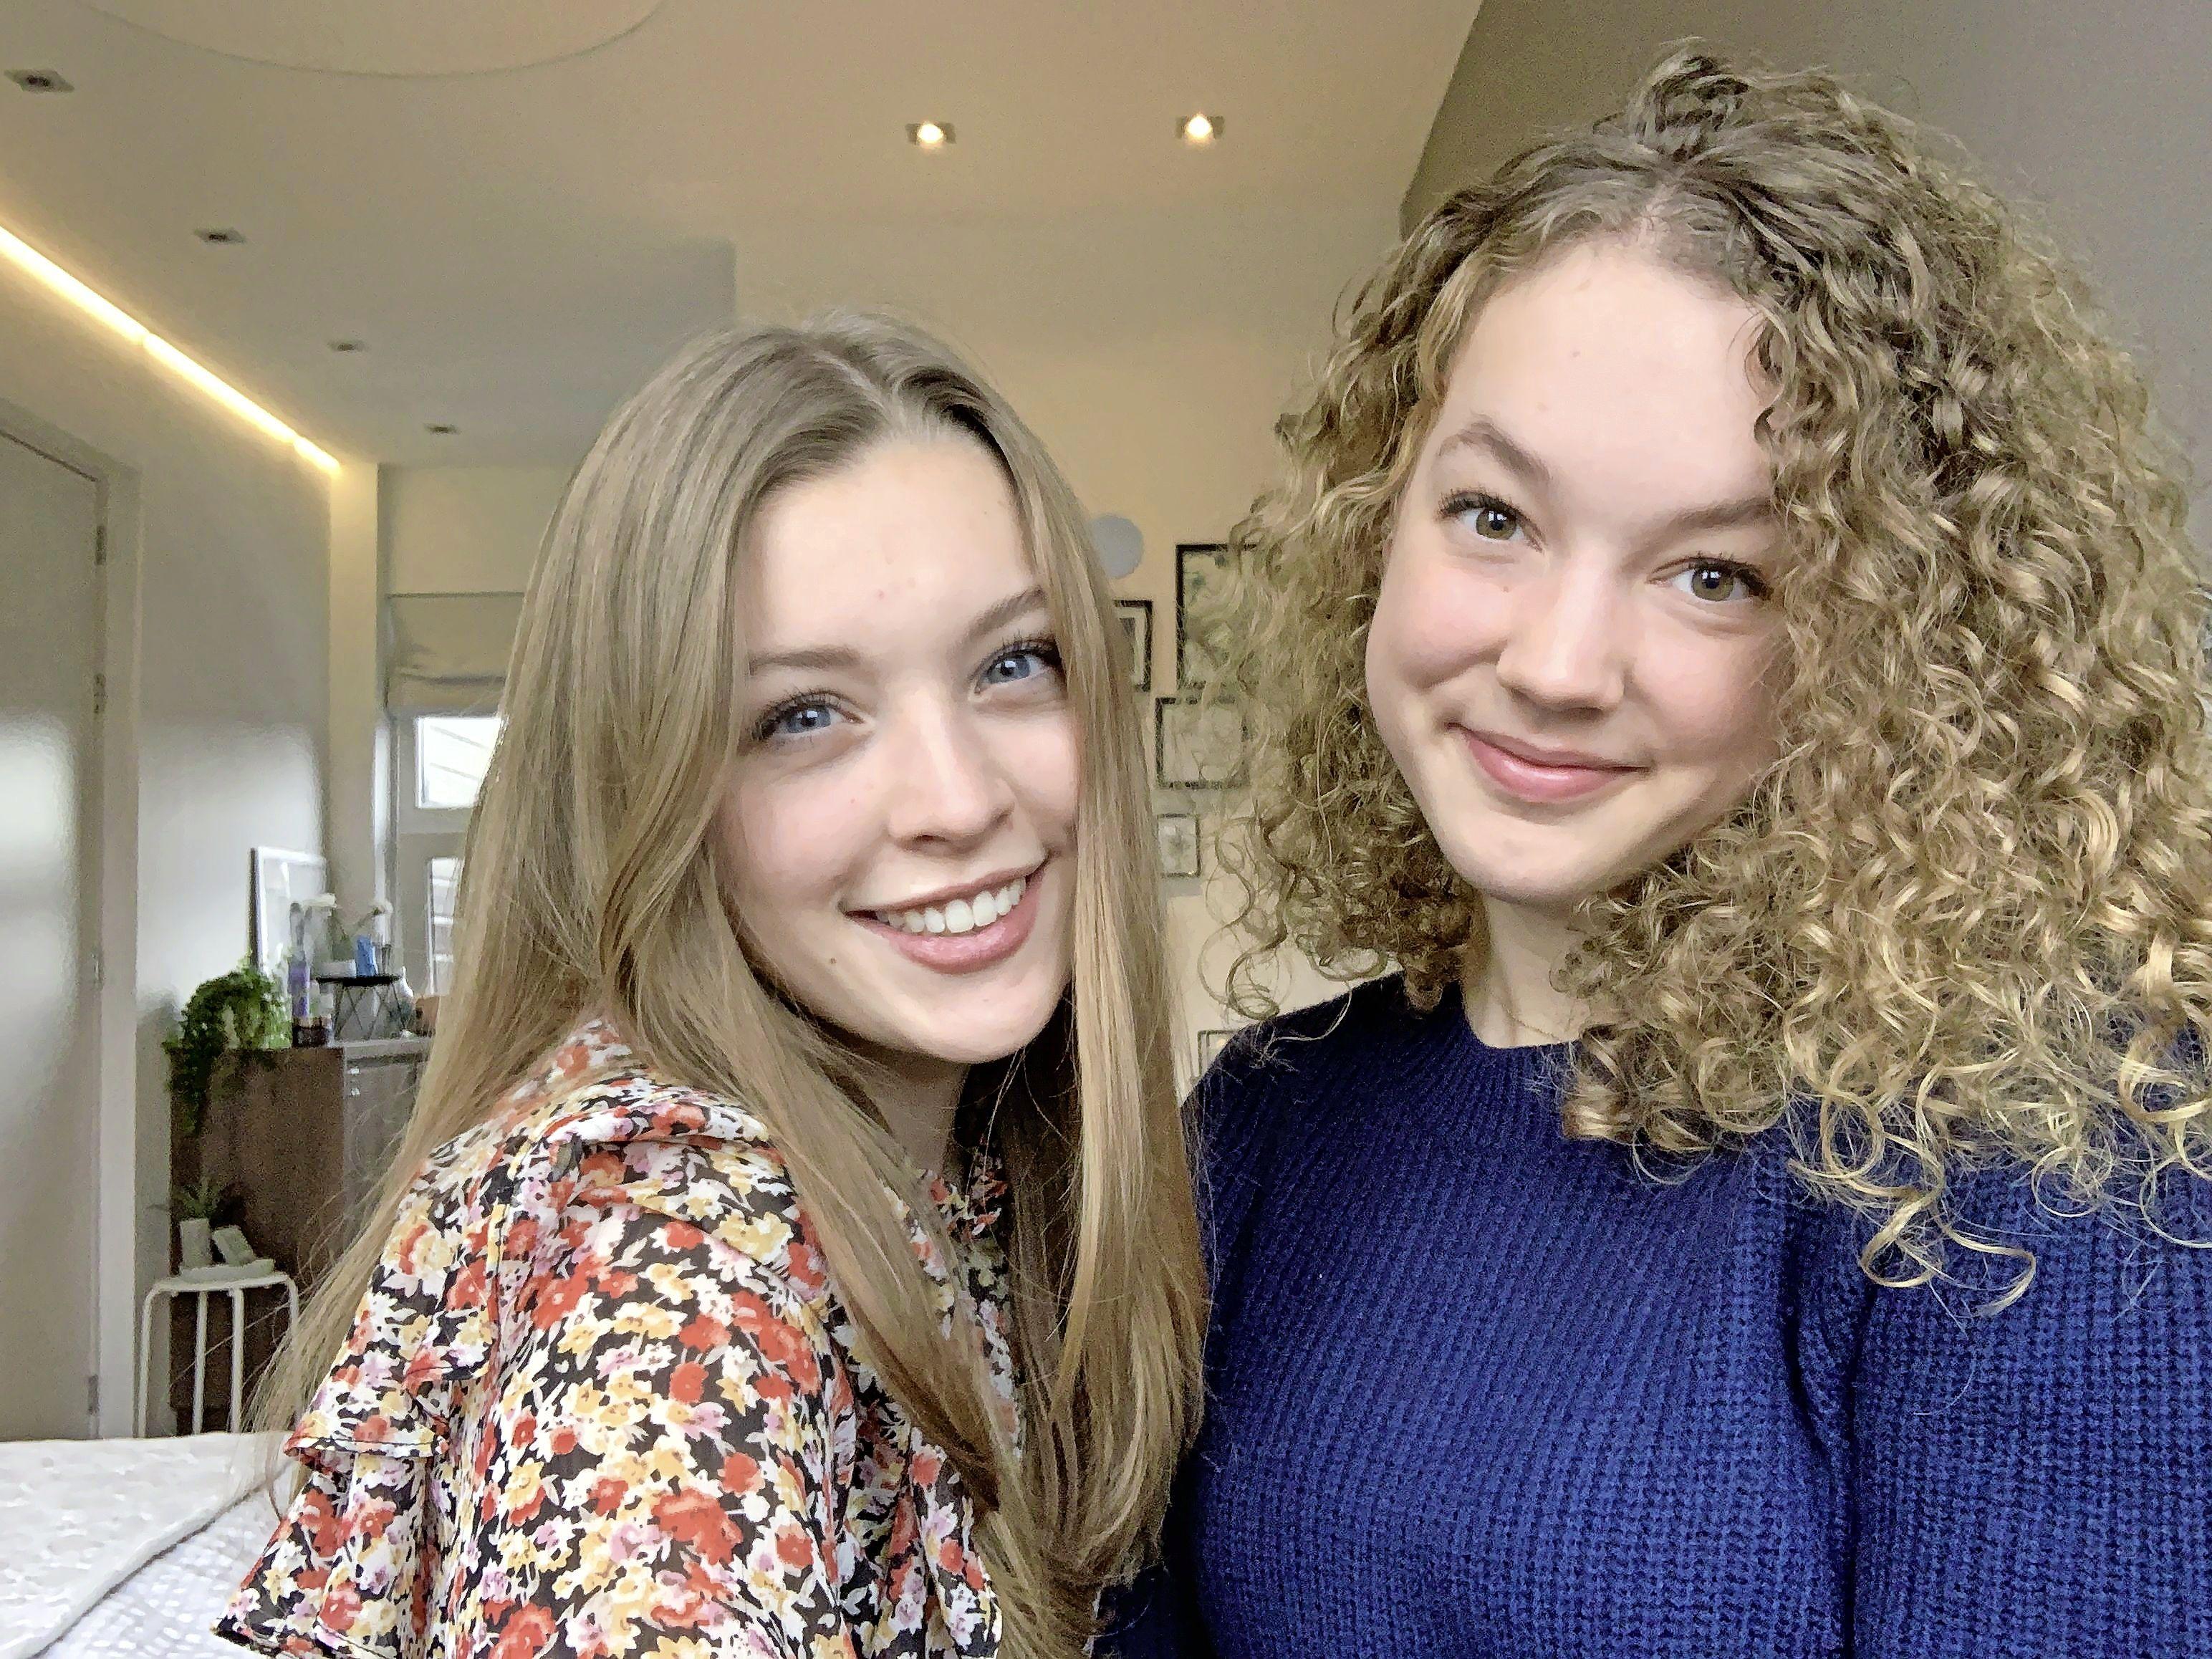 Sophie en Gwendolyn hebben de 'milieukriebels'; Hilversumse scholieren van het Comenius College winnen landelijke prijs voor beste profielwerkstuk: 'Een eer, erg blij mee!'